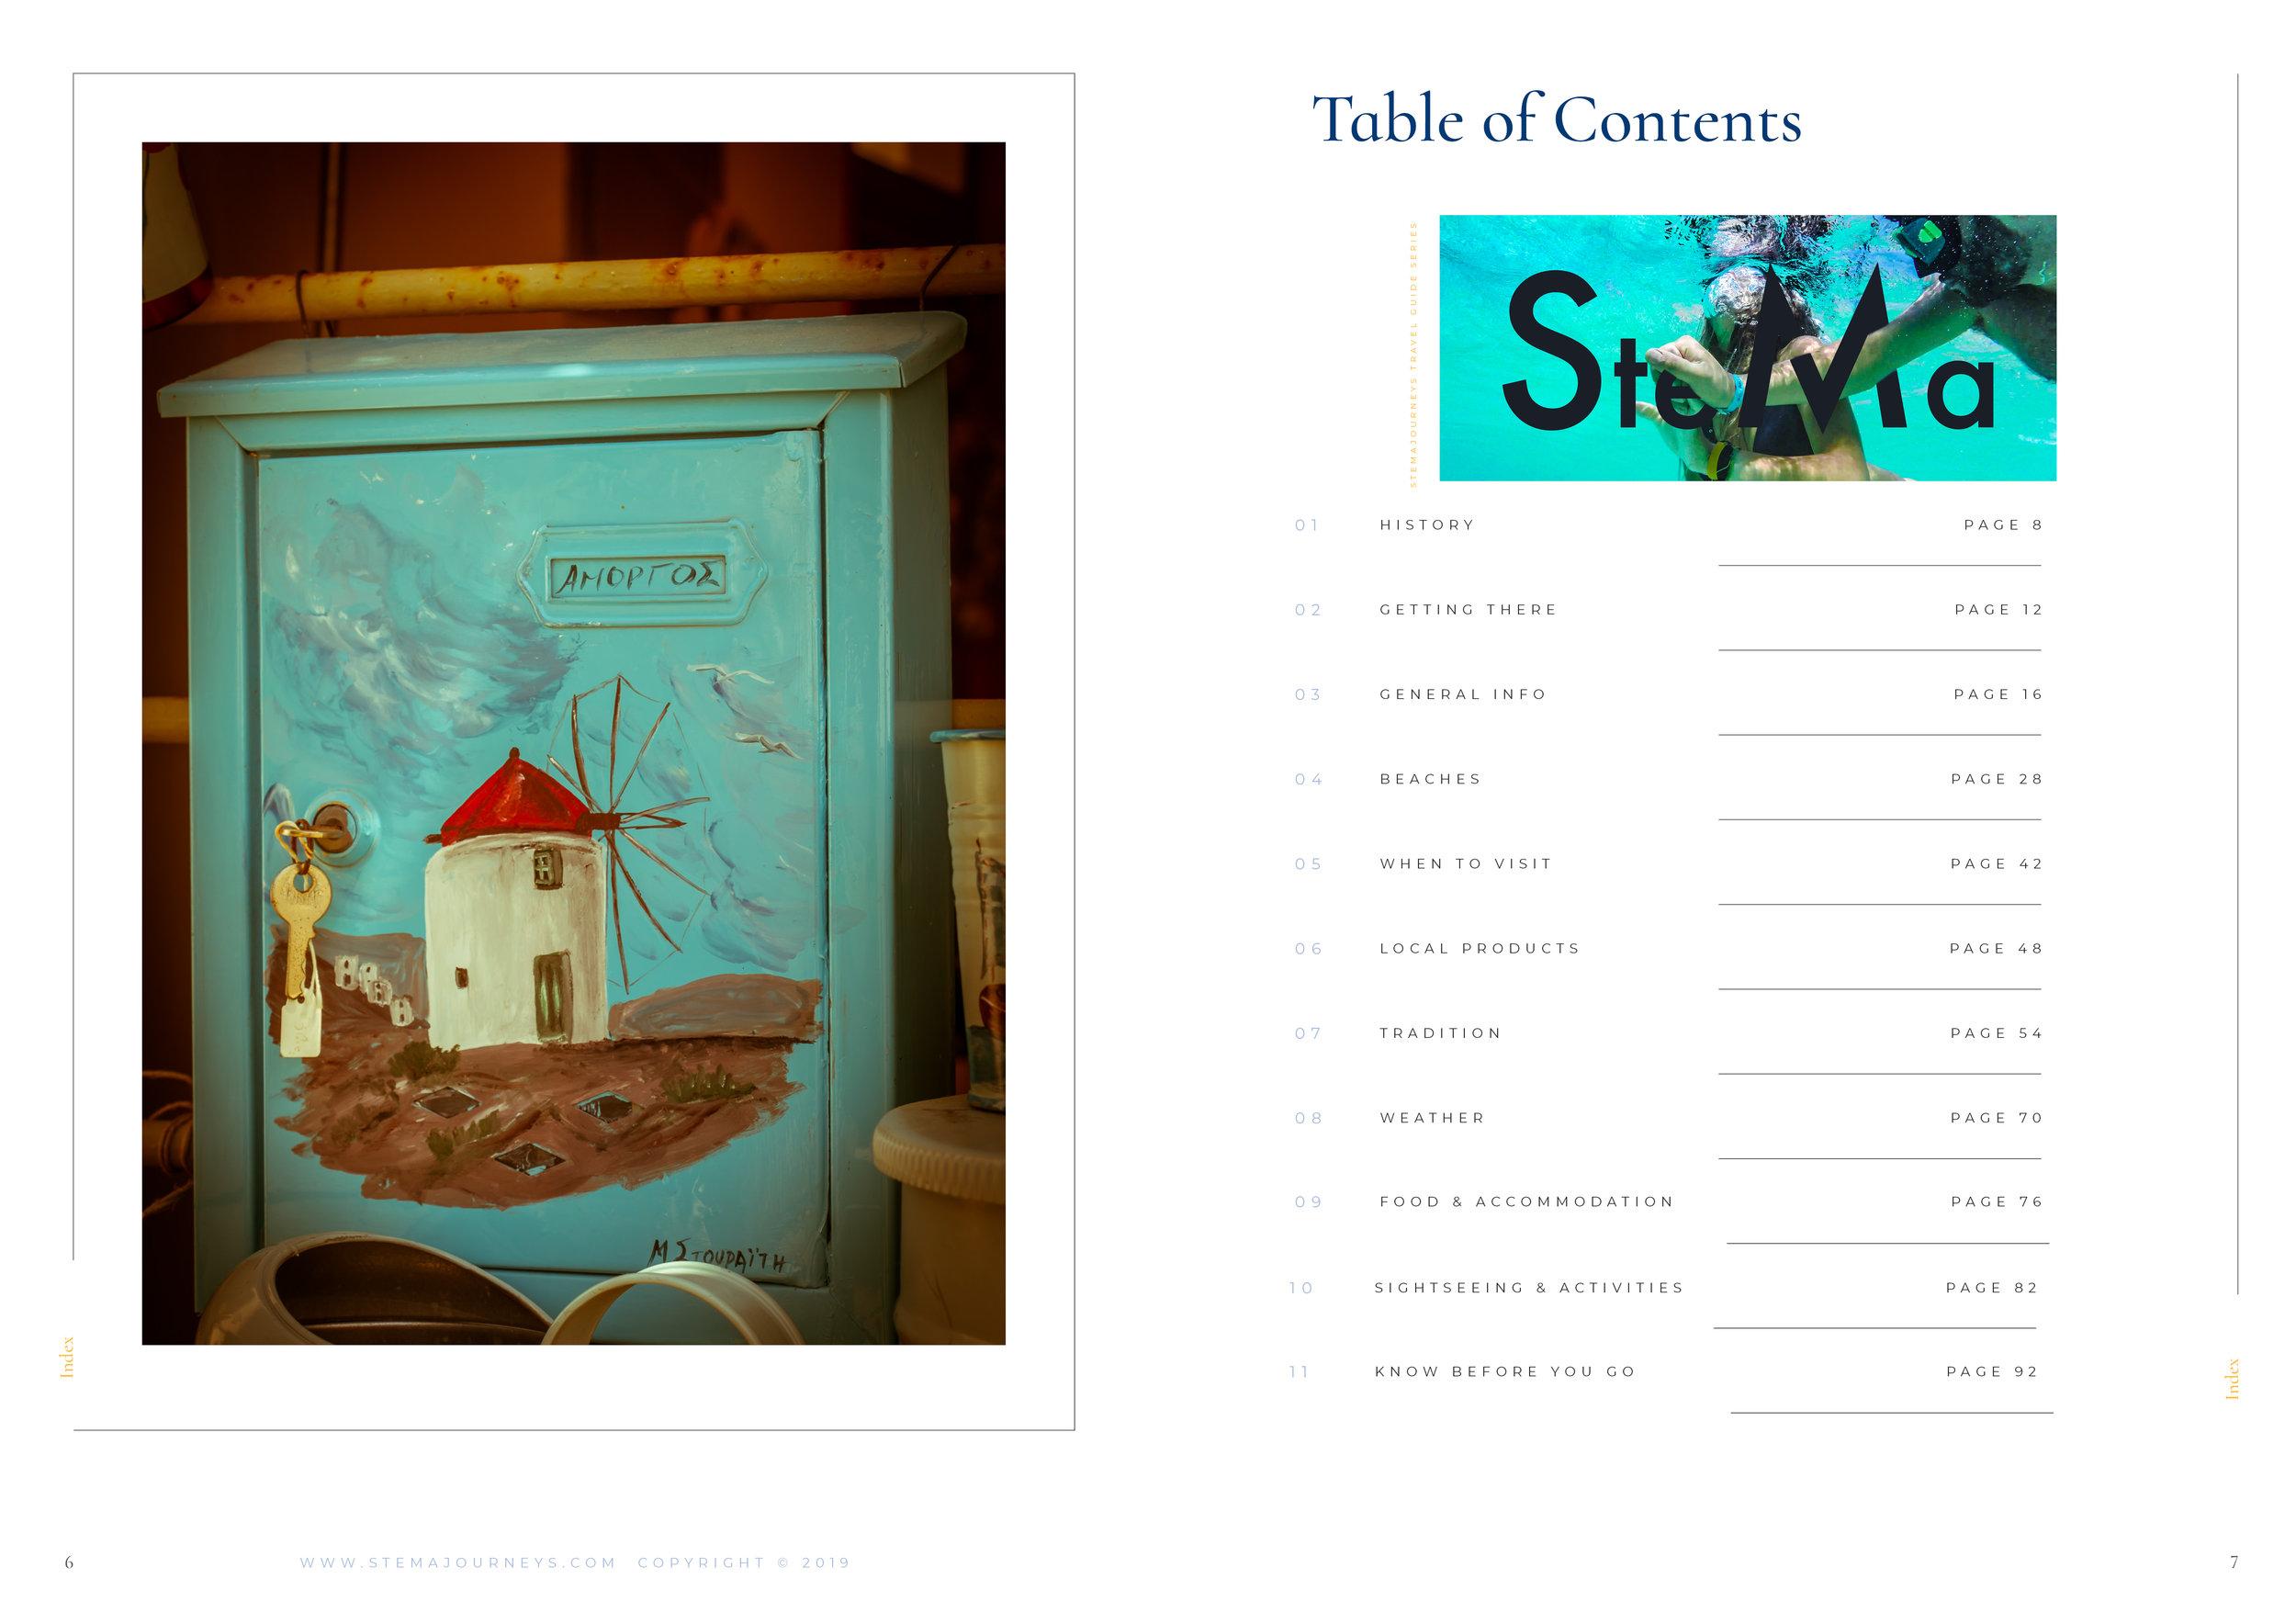 Amorgos guide4.jpg